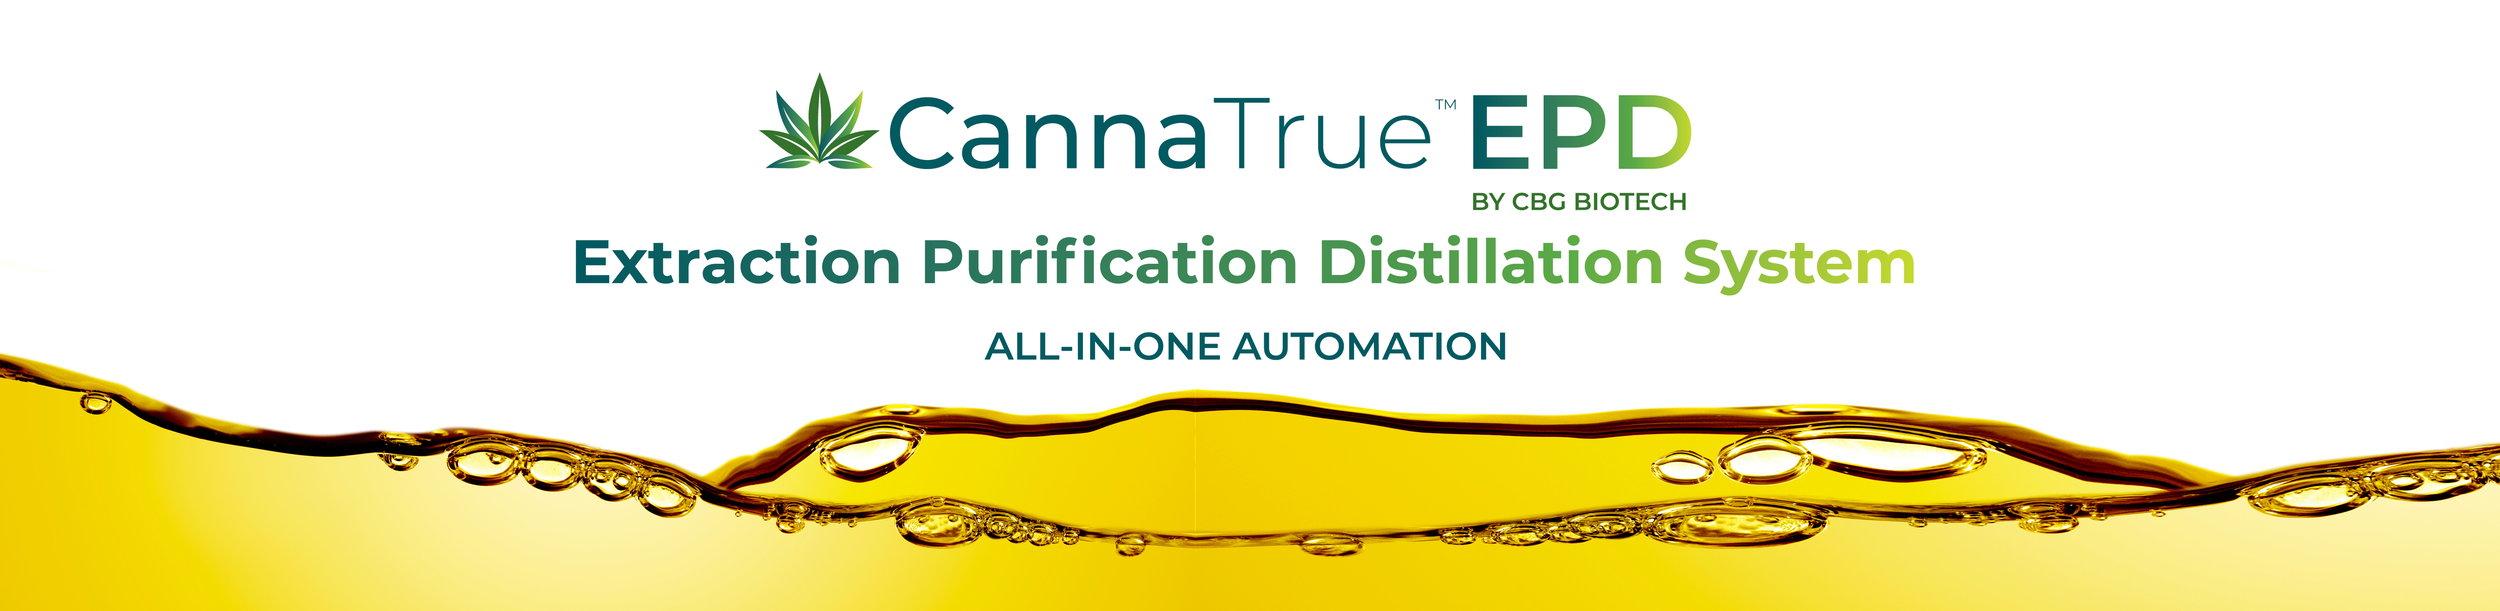 CannaTrue™ EPD System by CBG Biotech